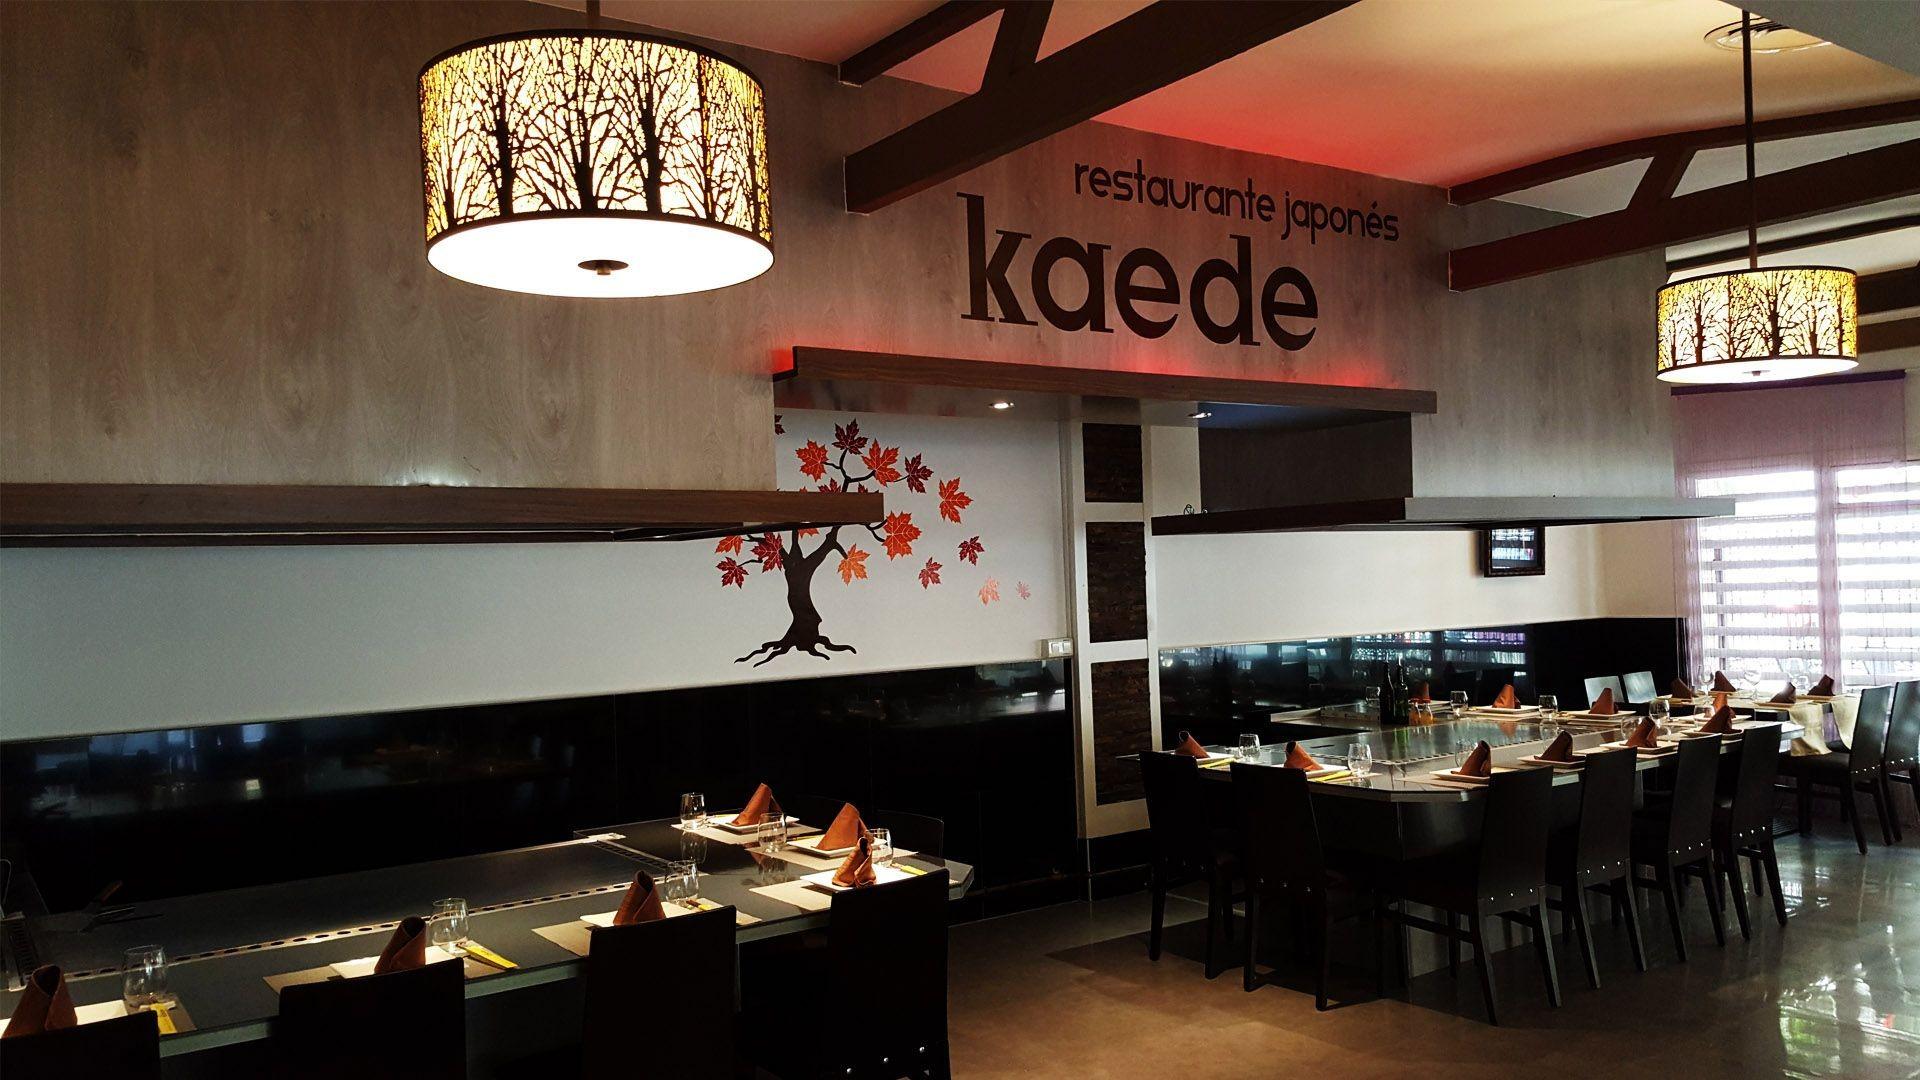 Restaurante japonés Málaga